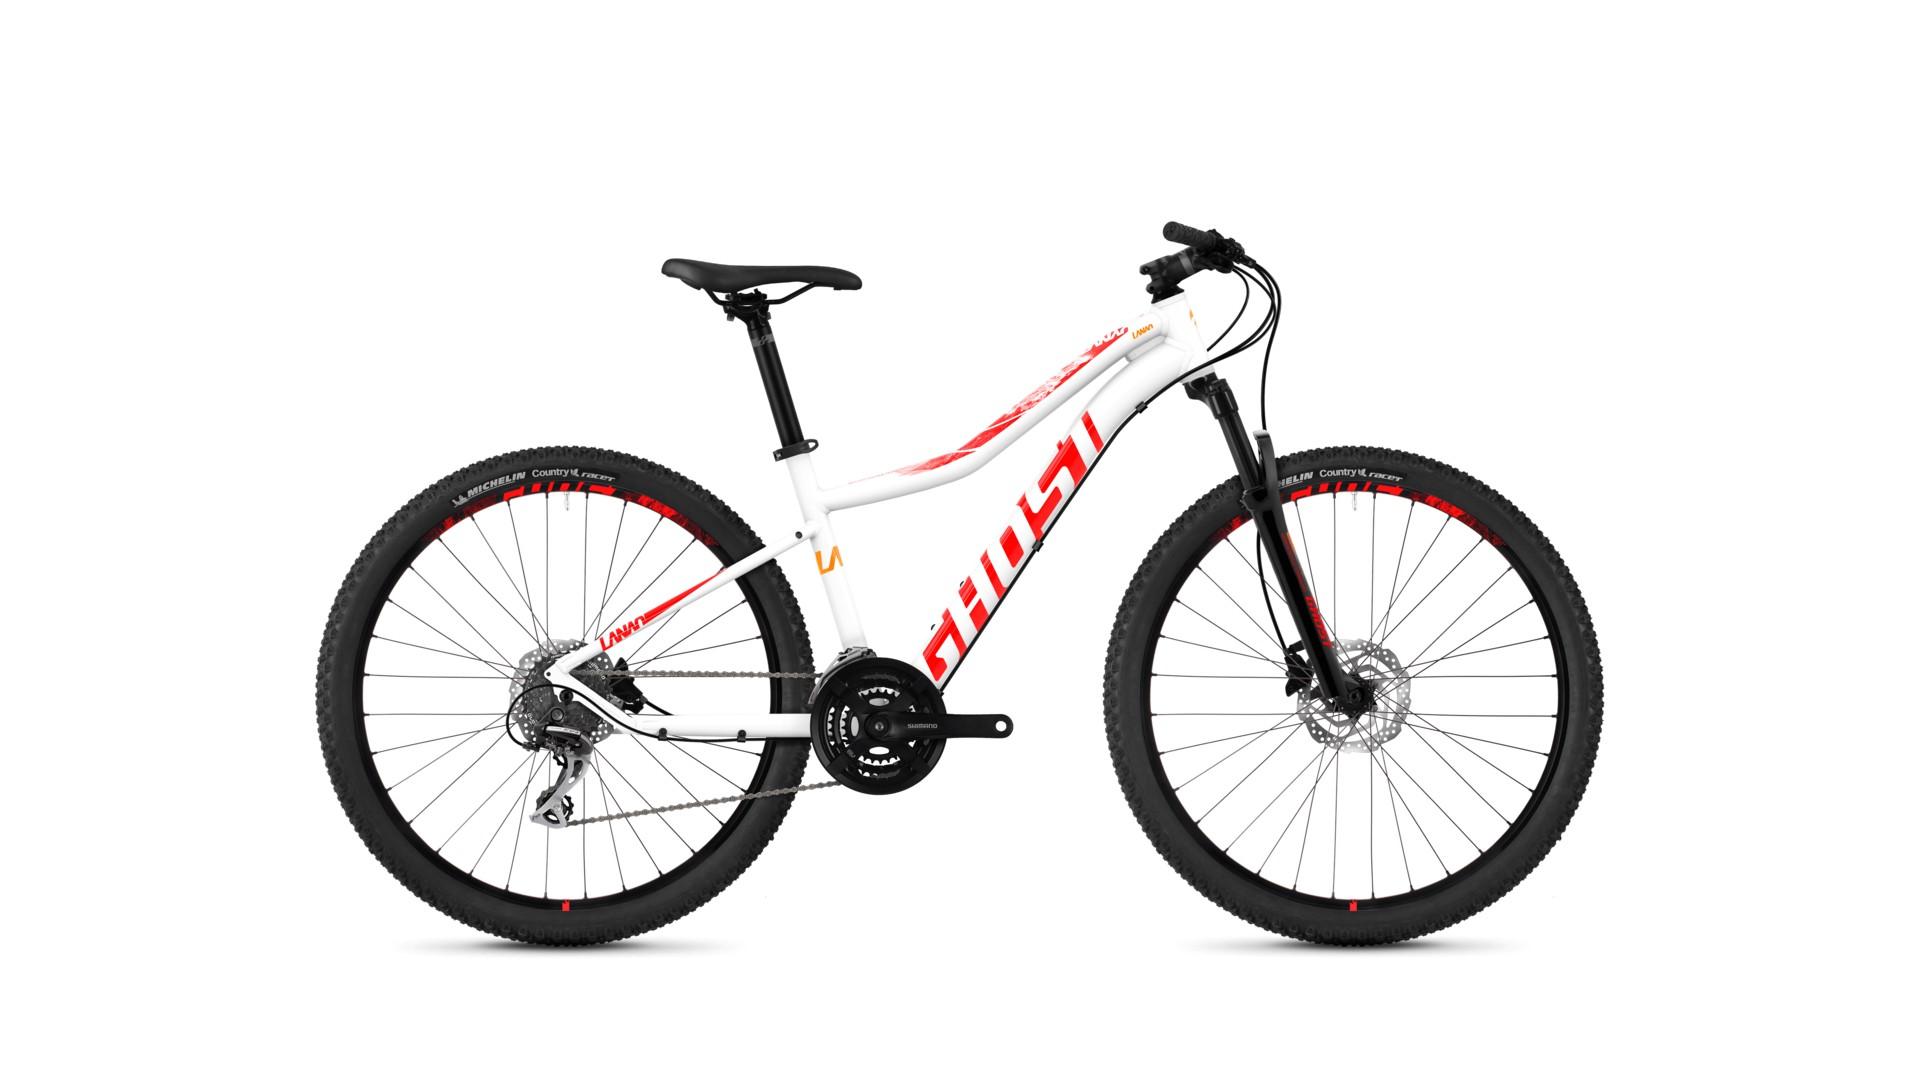 Велосипед GHOST Lanao 3.7 AL W starwhite/neonred/juiceorange год 2018